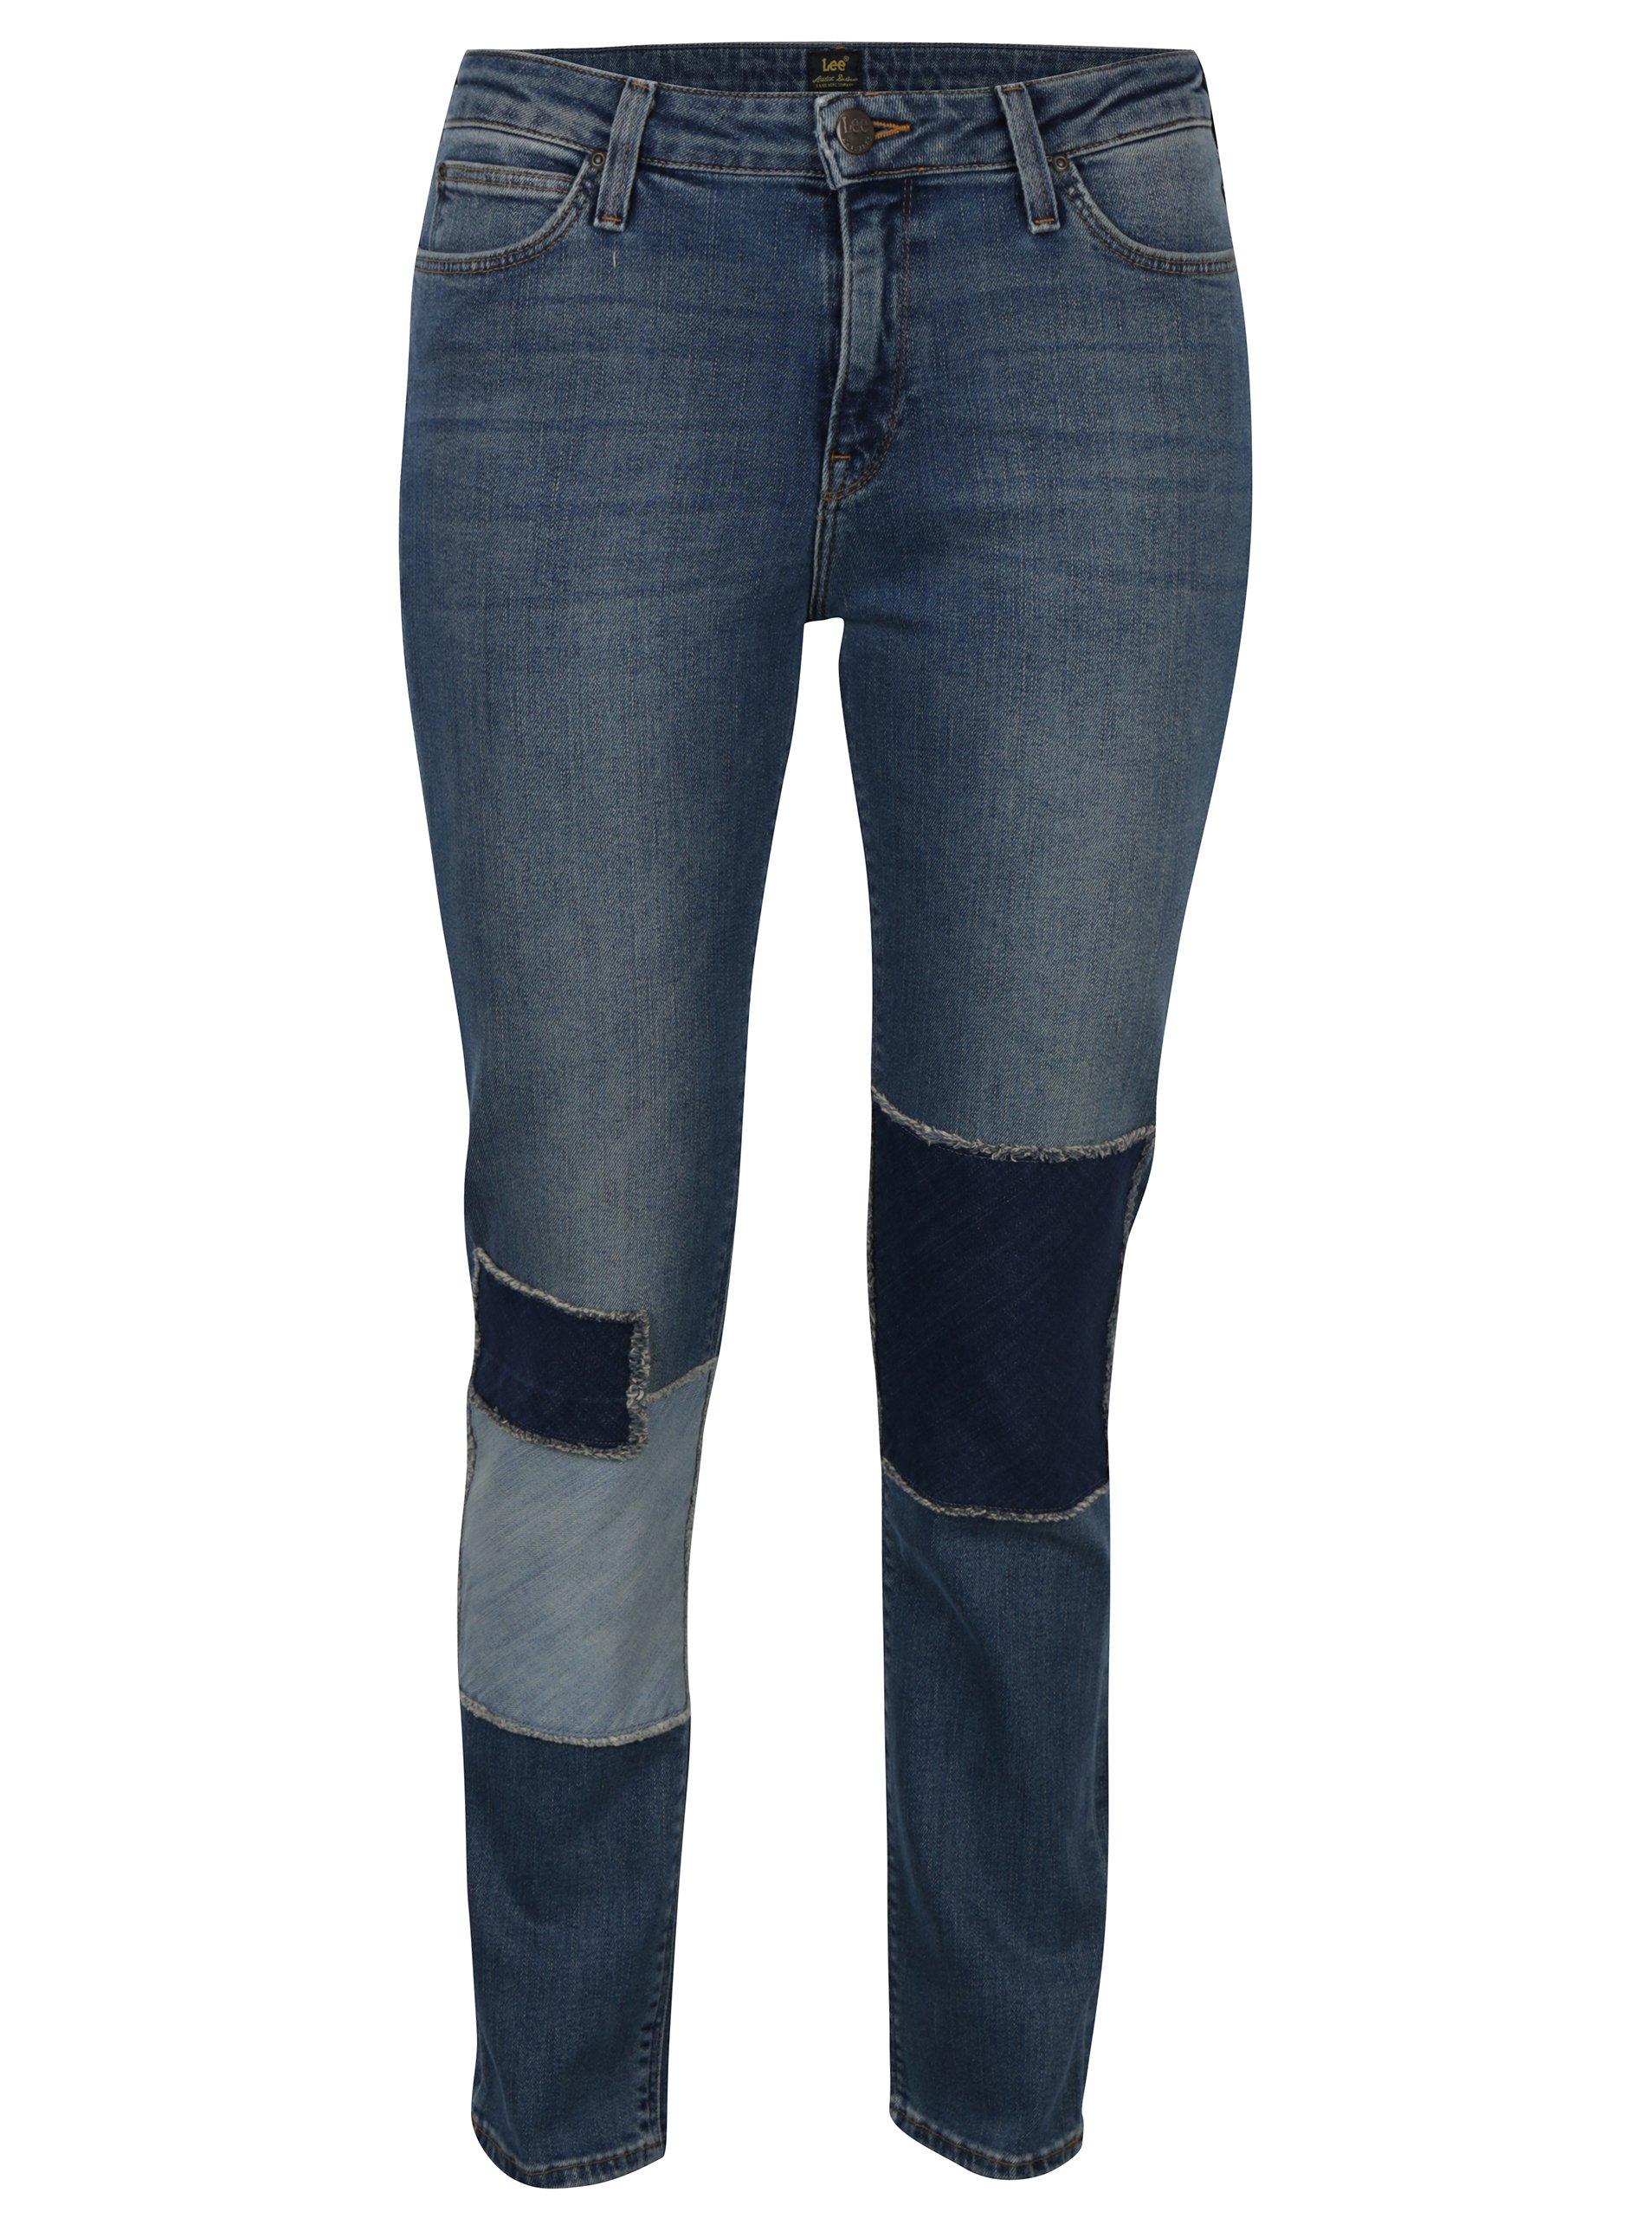 7bebb486517 Modré dámské straight džíny se záplatami a vyšisovaným efektem Lee Elly. Modré  dámské straight džíny ...